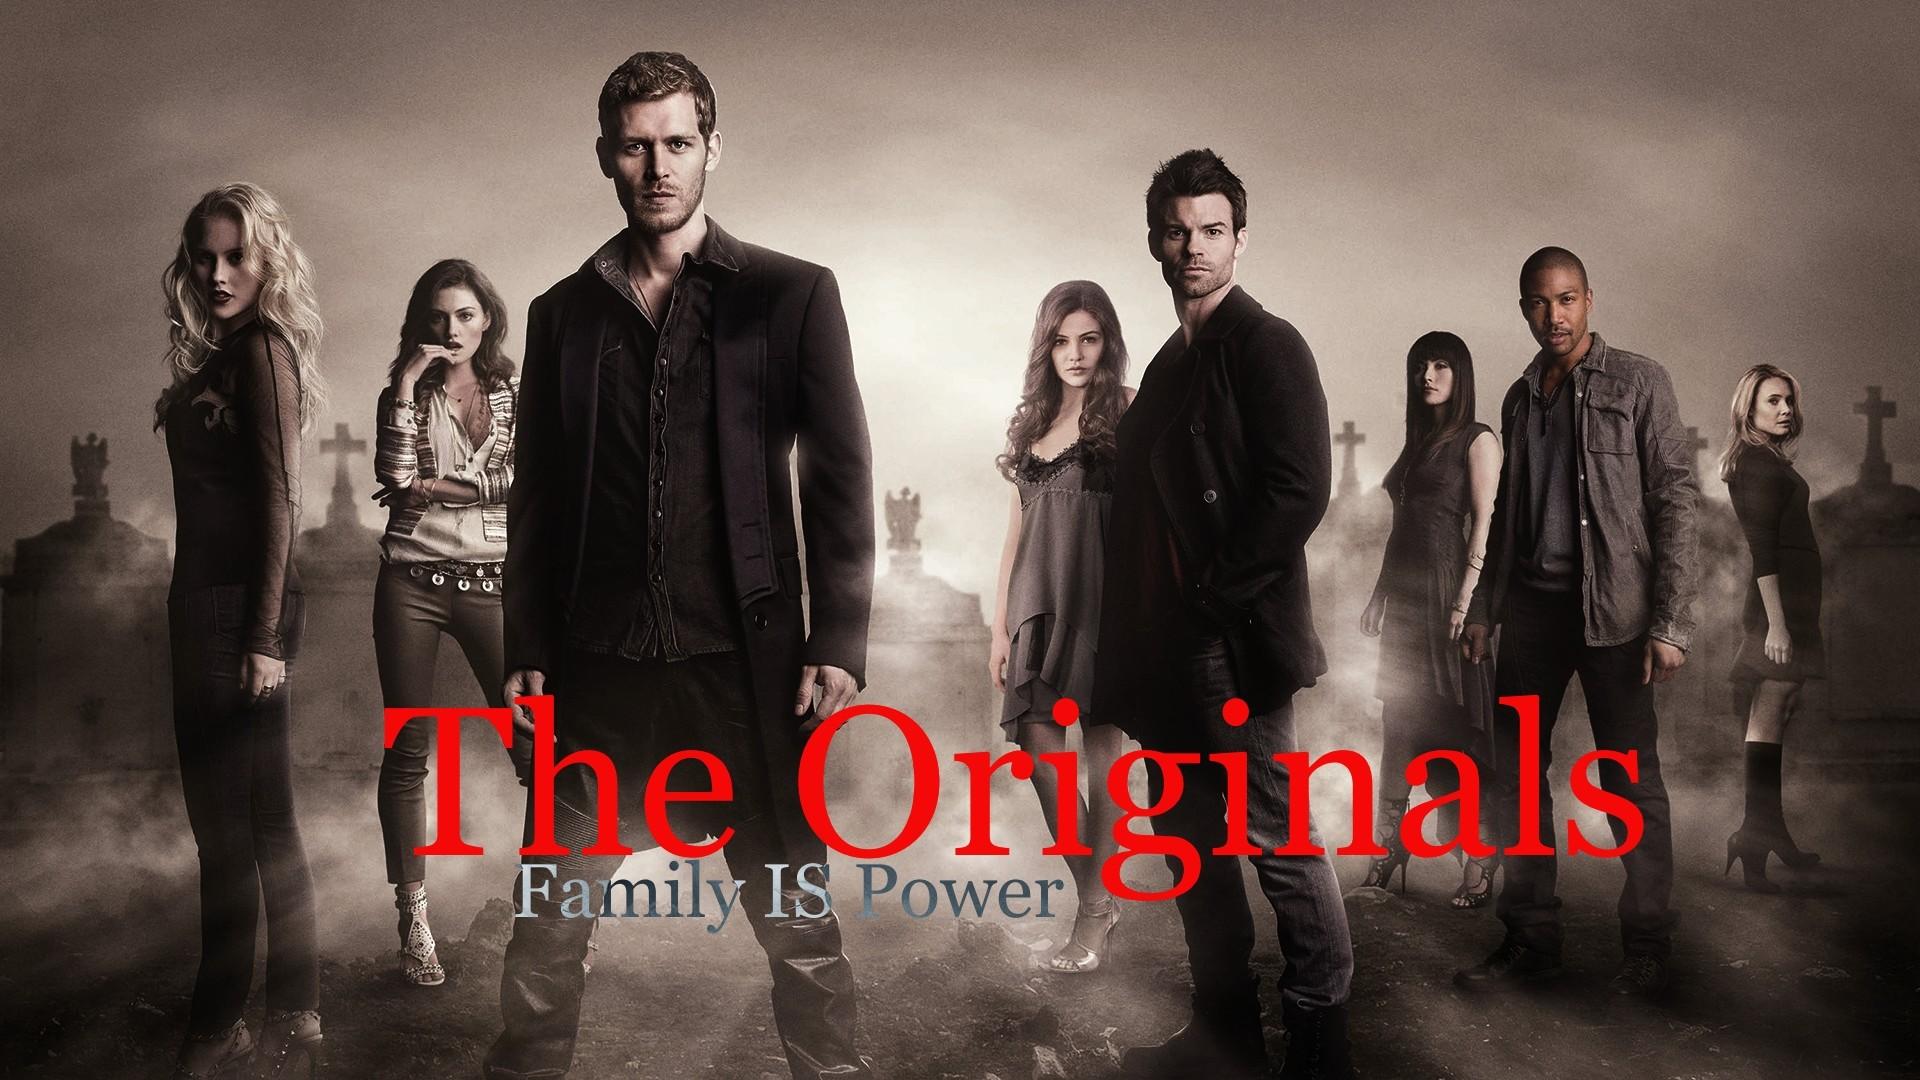 The Originals TV Show Cast HD Desktop Wallpaper for K Ultra